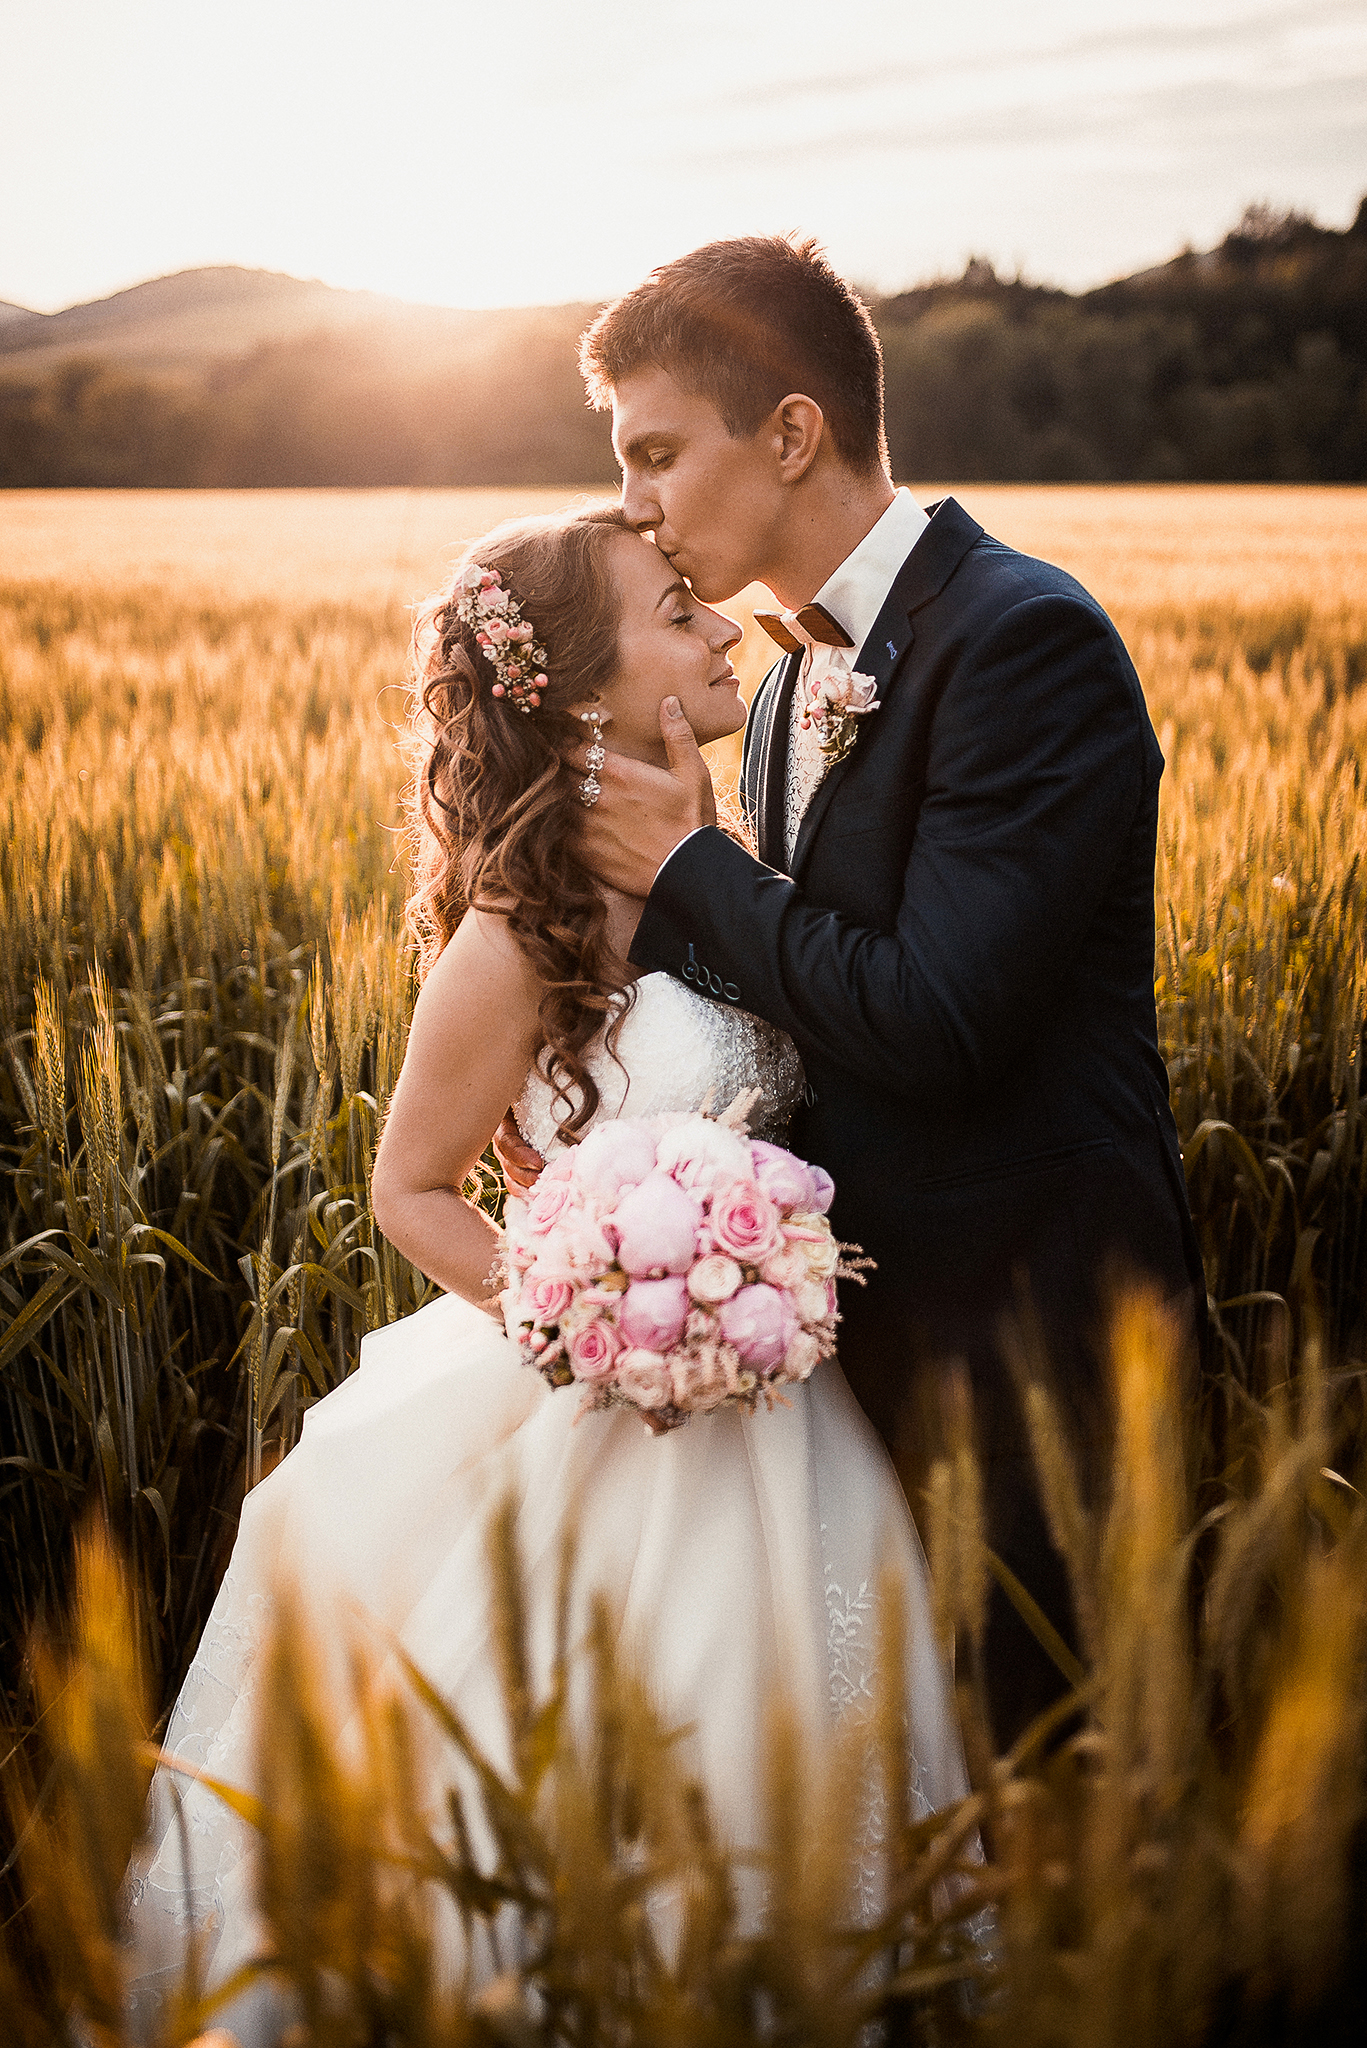 Rajecké Teplice, pole, klasy, obilie, ženích, nevesta, západ slnka, romantika, bozk na čelo, láska, svadobná kytica, kvety, príroda, Žilina, Bratislava